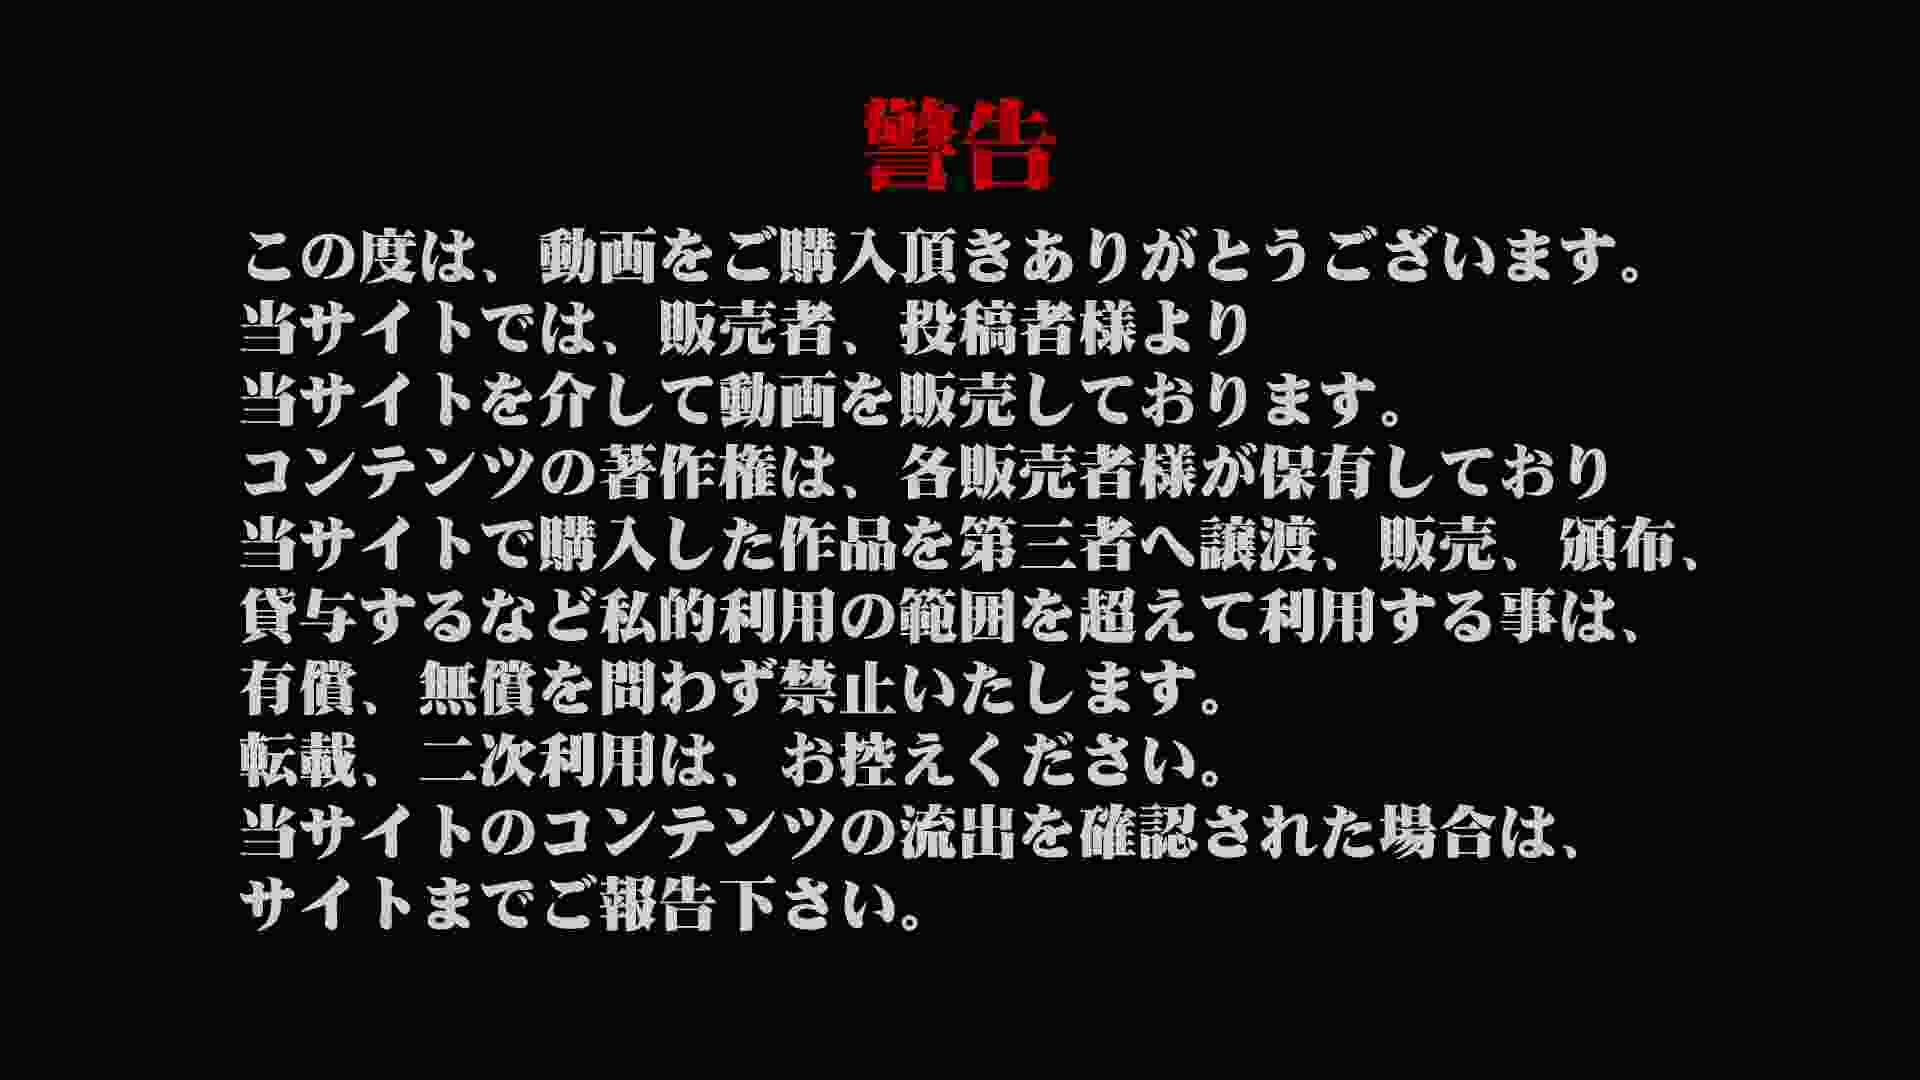 ギャルのツルピカ潜入盗撮!Vol.10 うんこ好き | マンコ特集  29連発